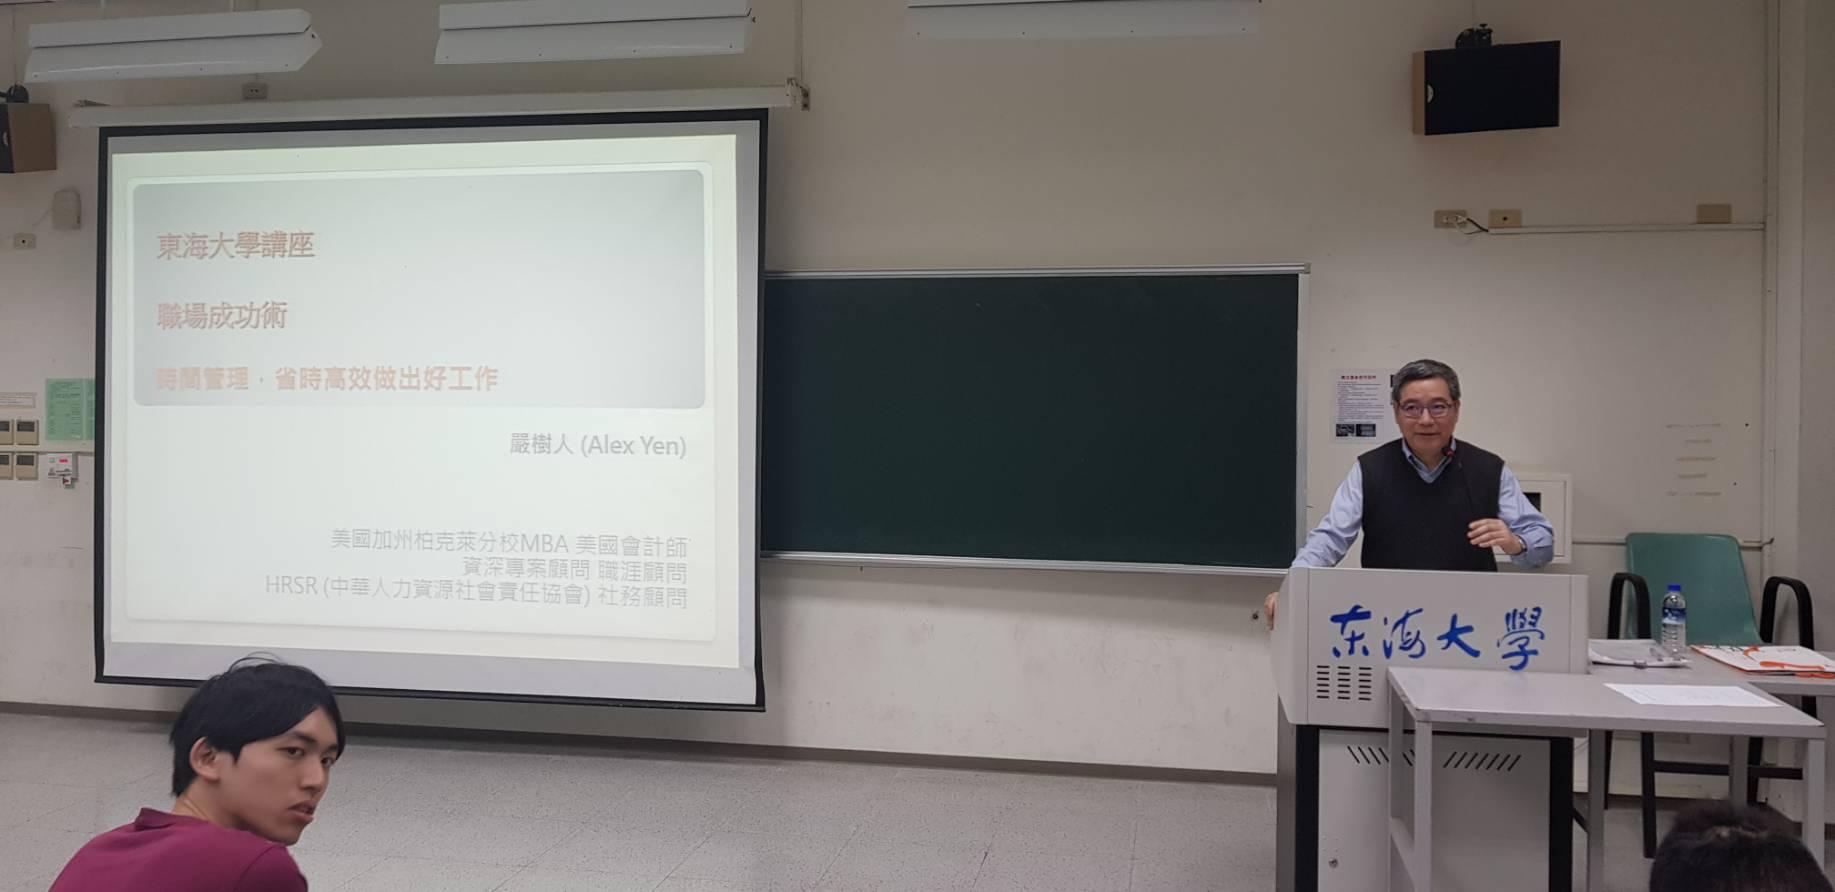 108年4月12日邀請中華人力資源社會責任協會講師嚴樹人專題演講職場成功術-時間管理